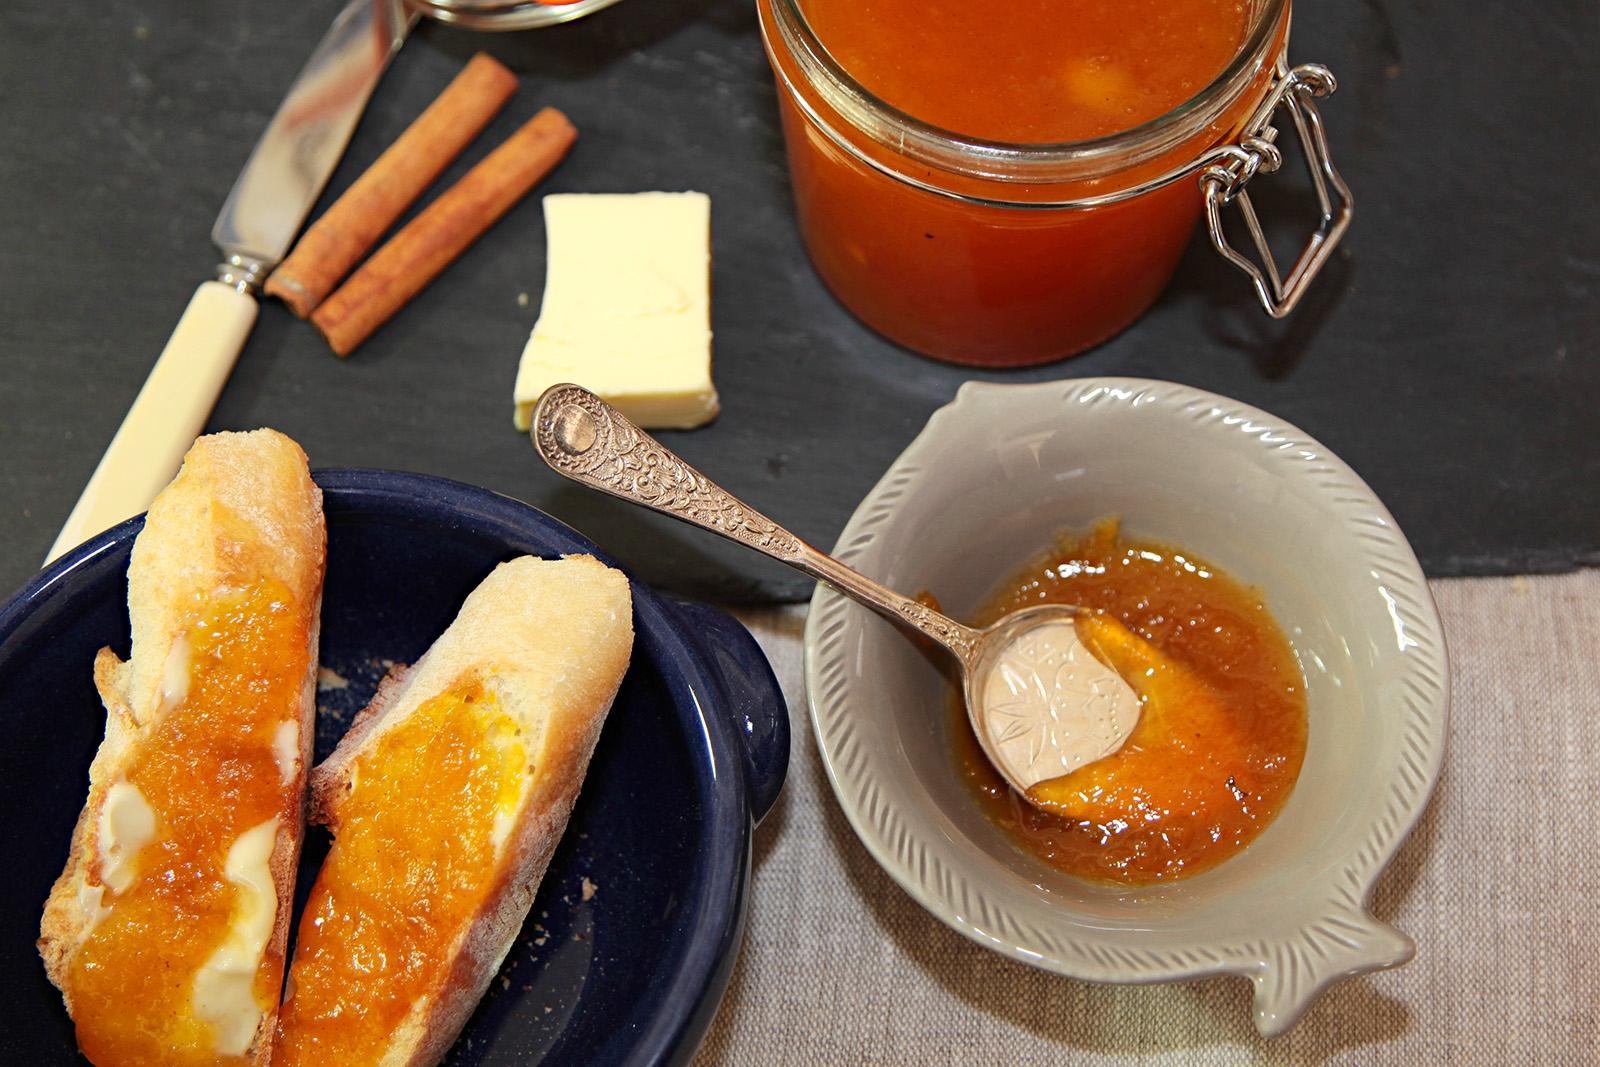 Dýně a skořice je portugalskou konpirací chutí